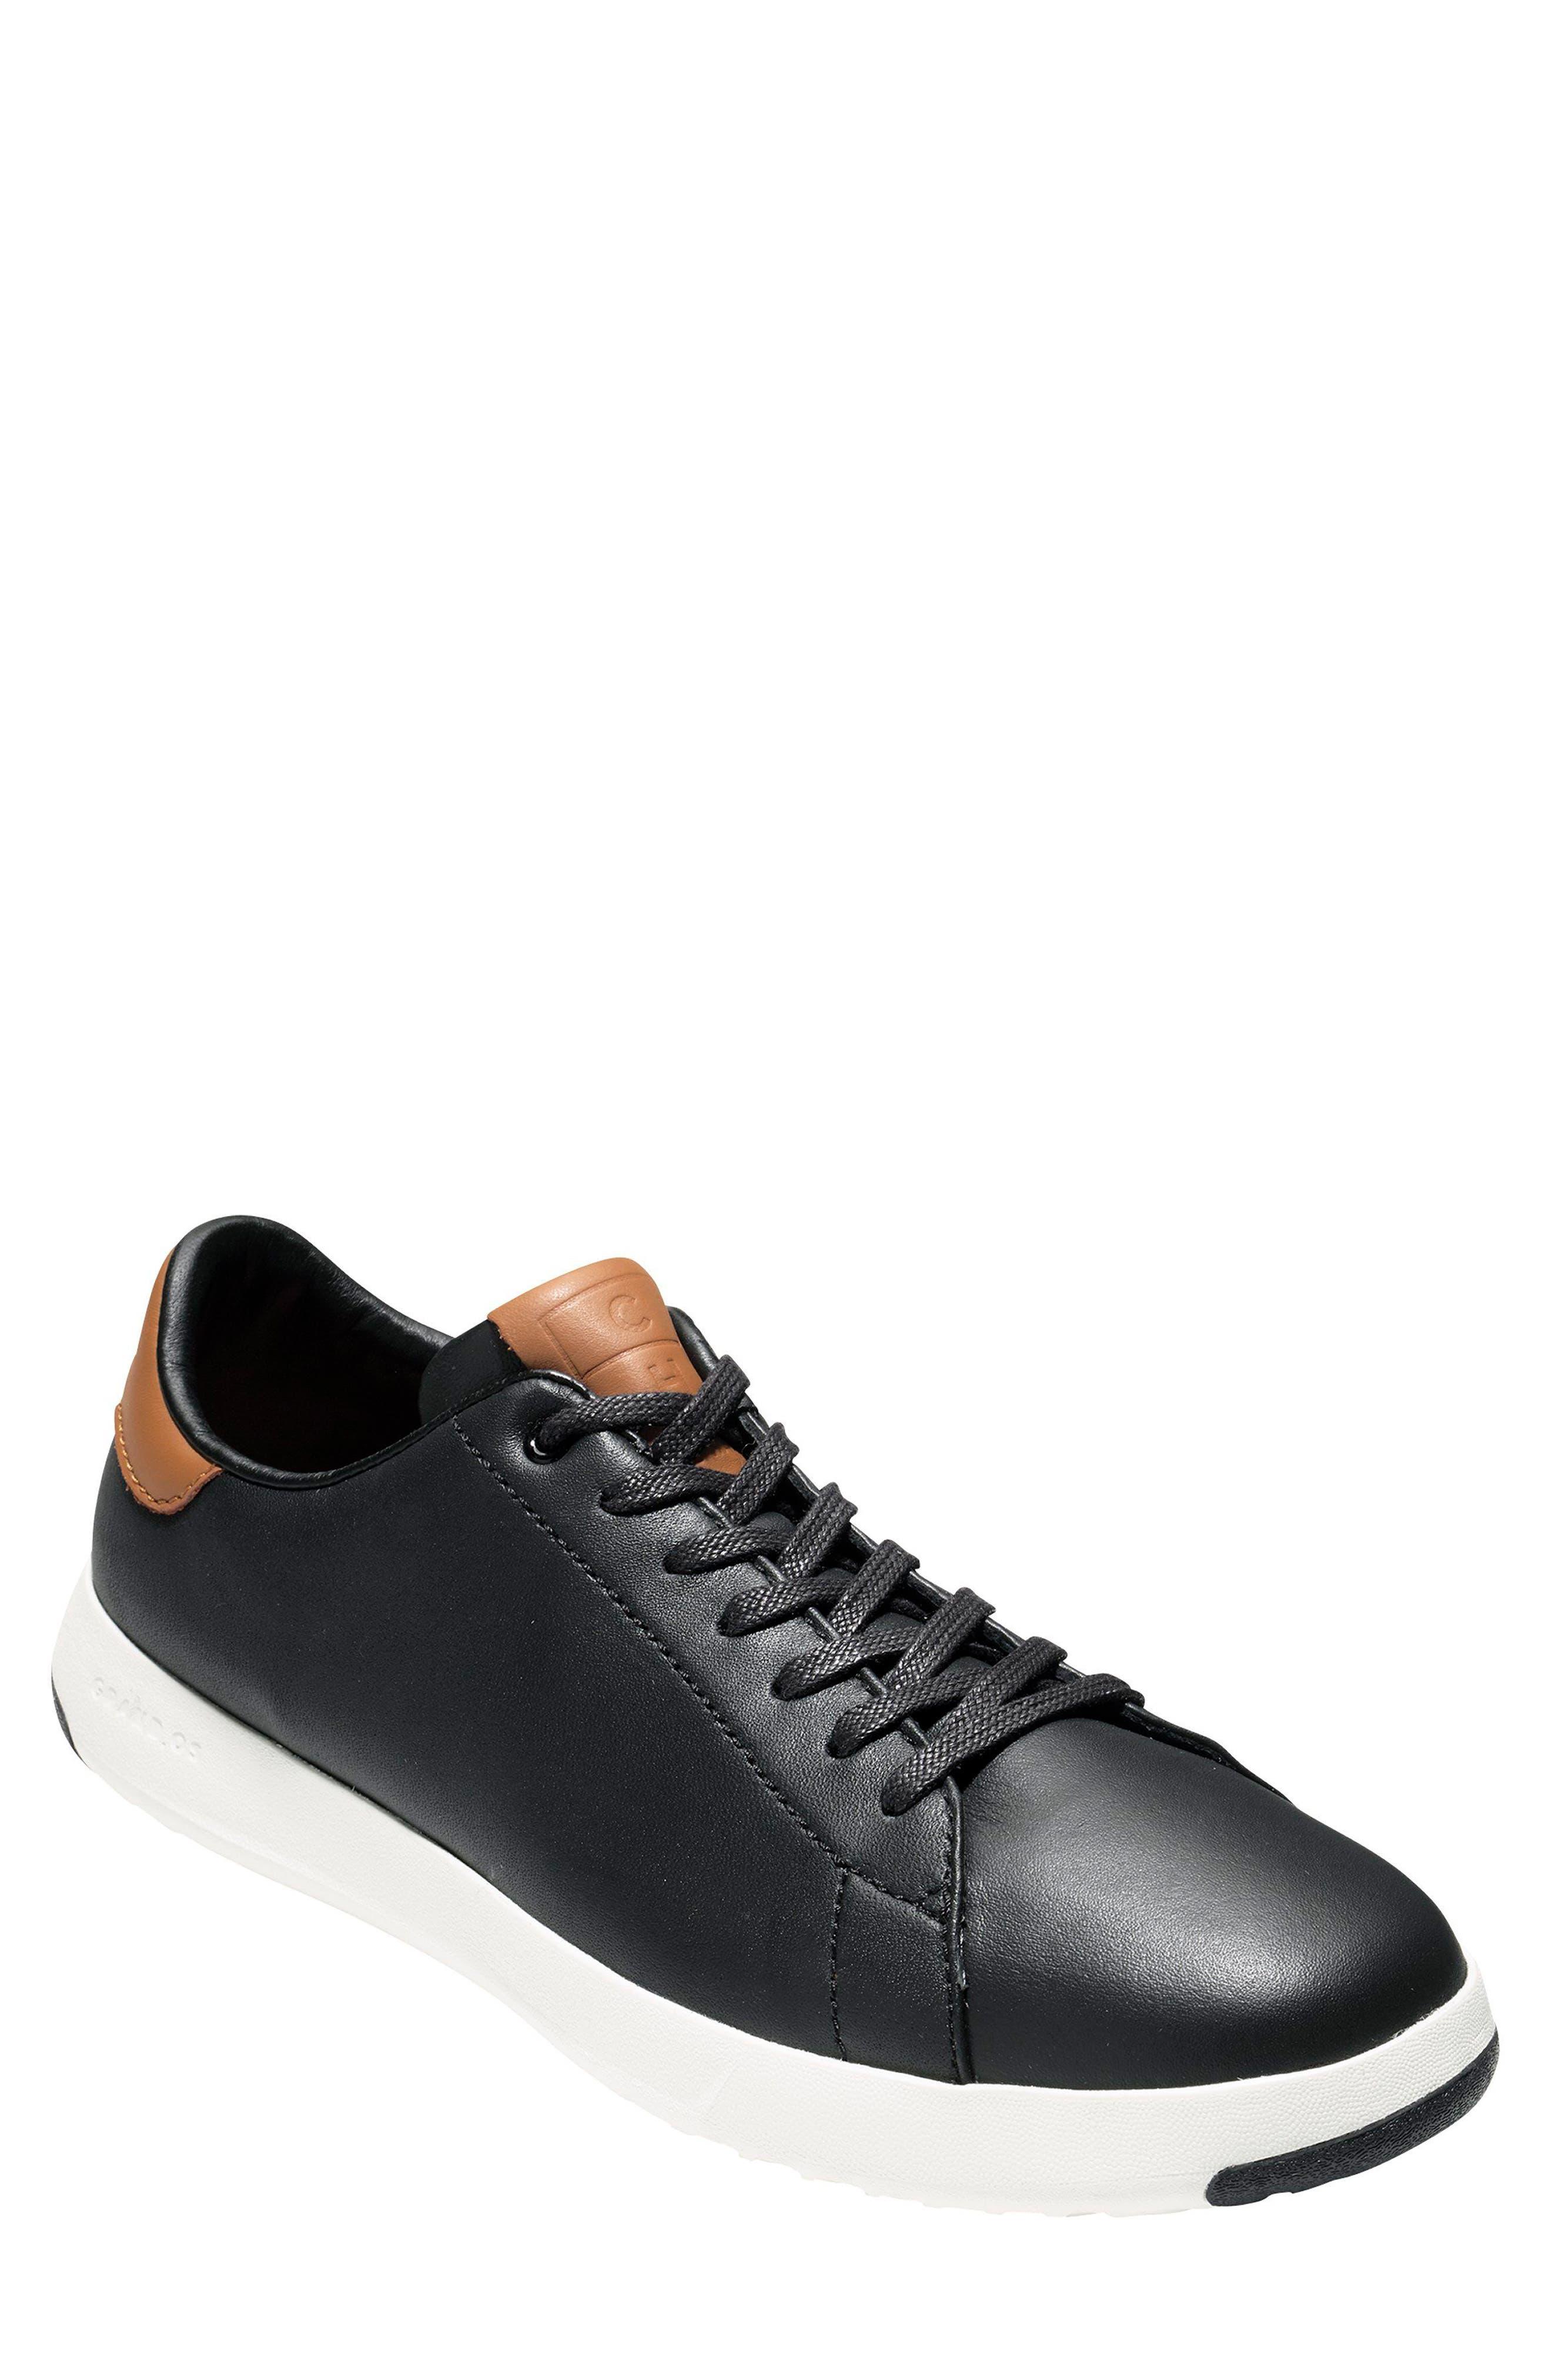 GrandPro Tennis Sneaker,                         Main,                         color, BLACK/ BRITISH TAN